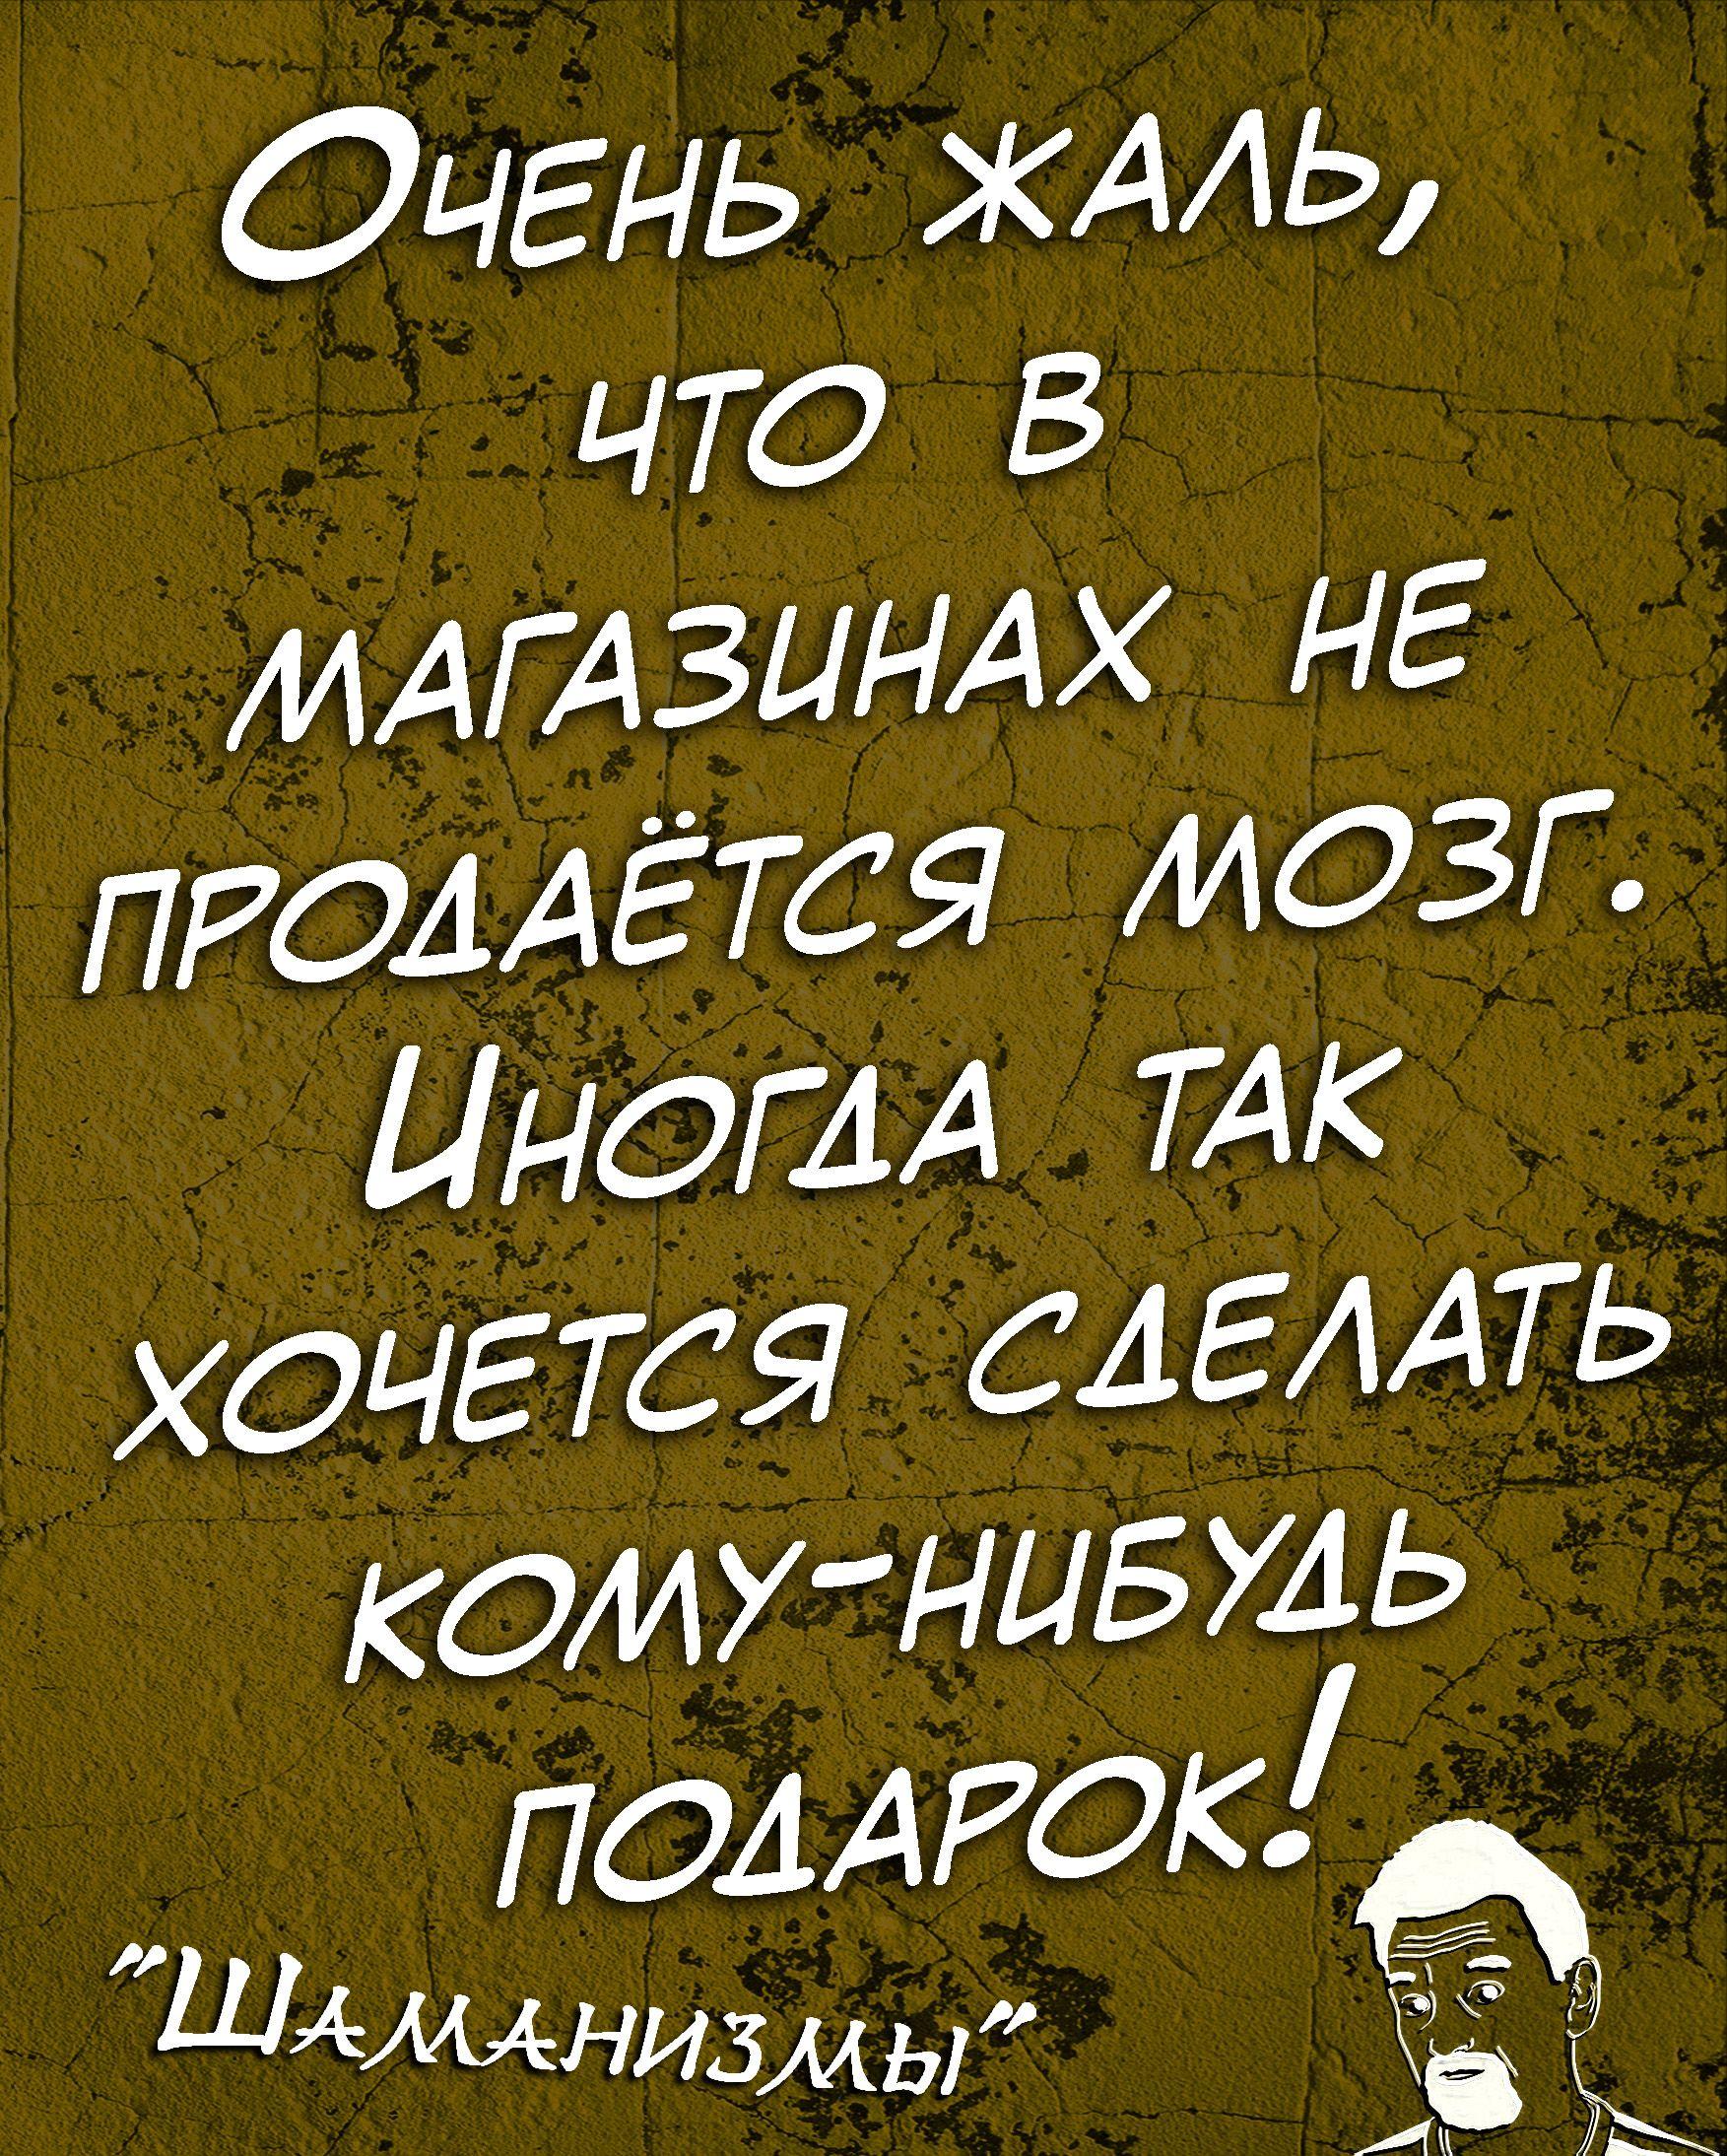 Shamanizmy Shutki Prikol Yumor Memy Odnostishya Jokes Joke Humor Memes Alone Shaman Ledentsov In 2021 Phrase Of The Day Funny Jokes Quotations